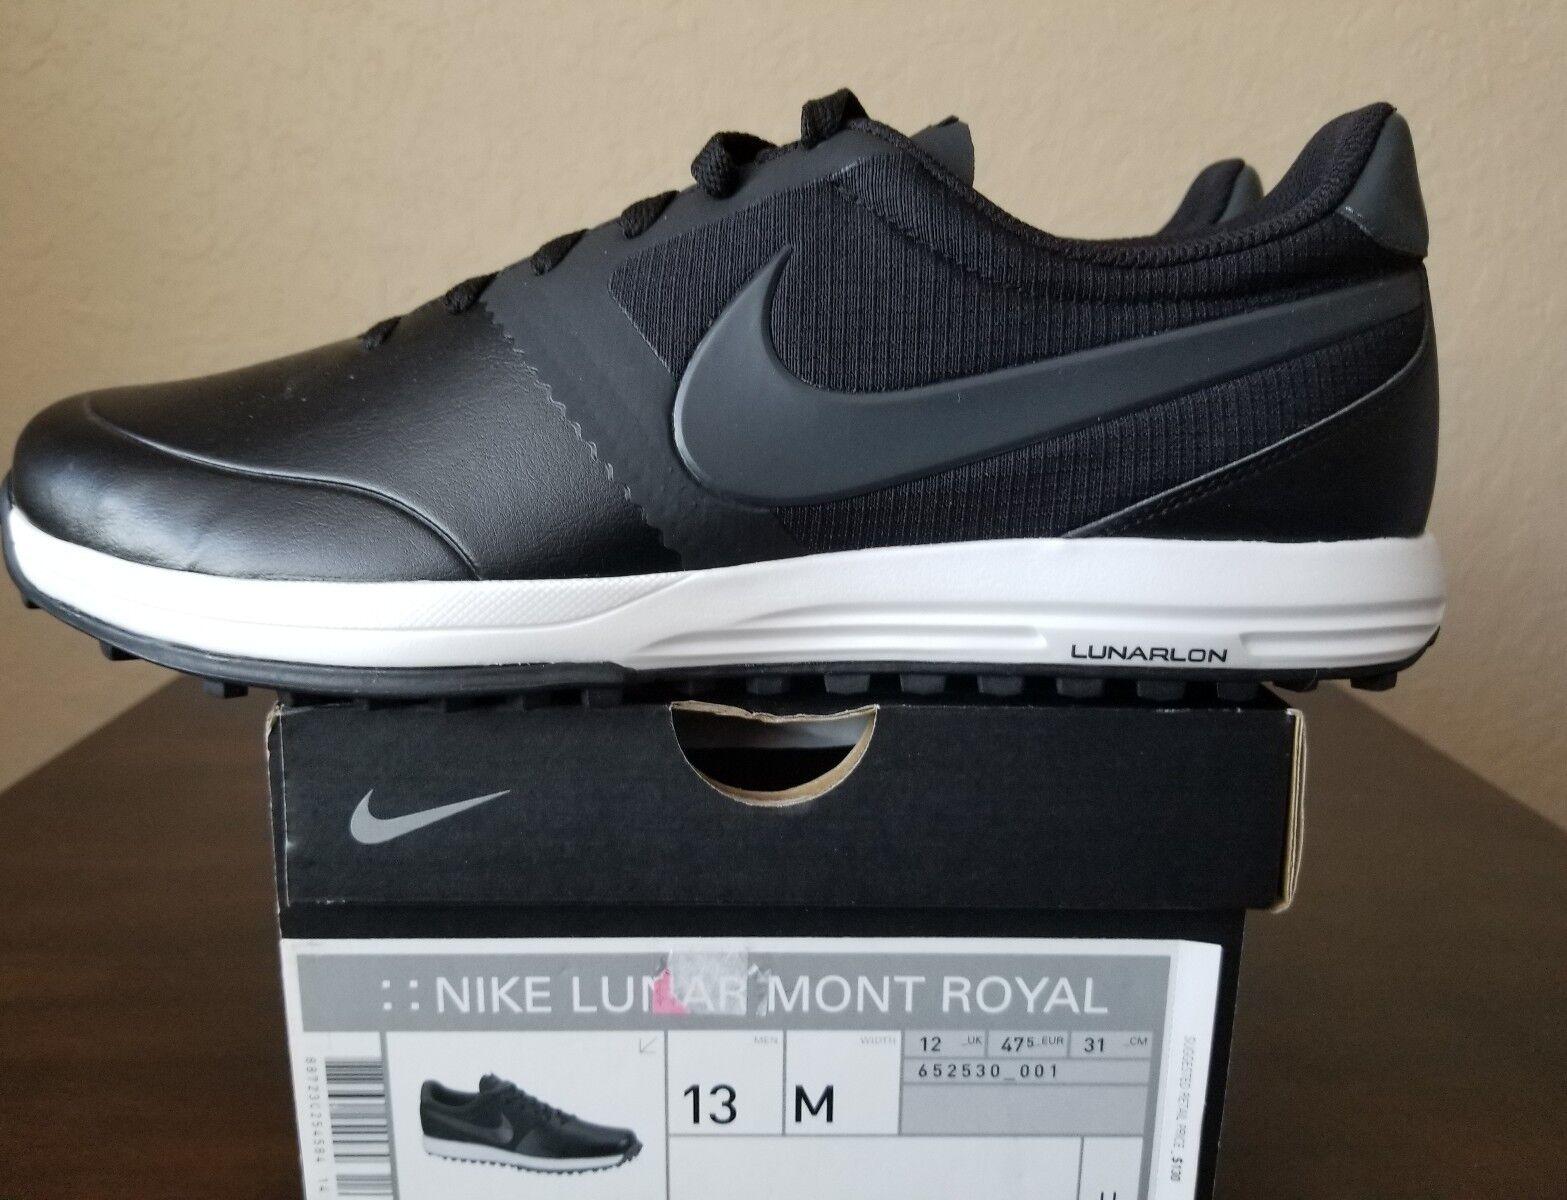 Nuove nike mont royal golf lunare scarpe da golf spuntoni neri e bianchi uomo numero 13